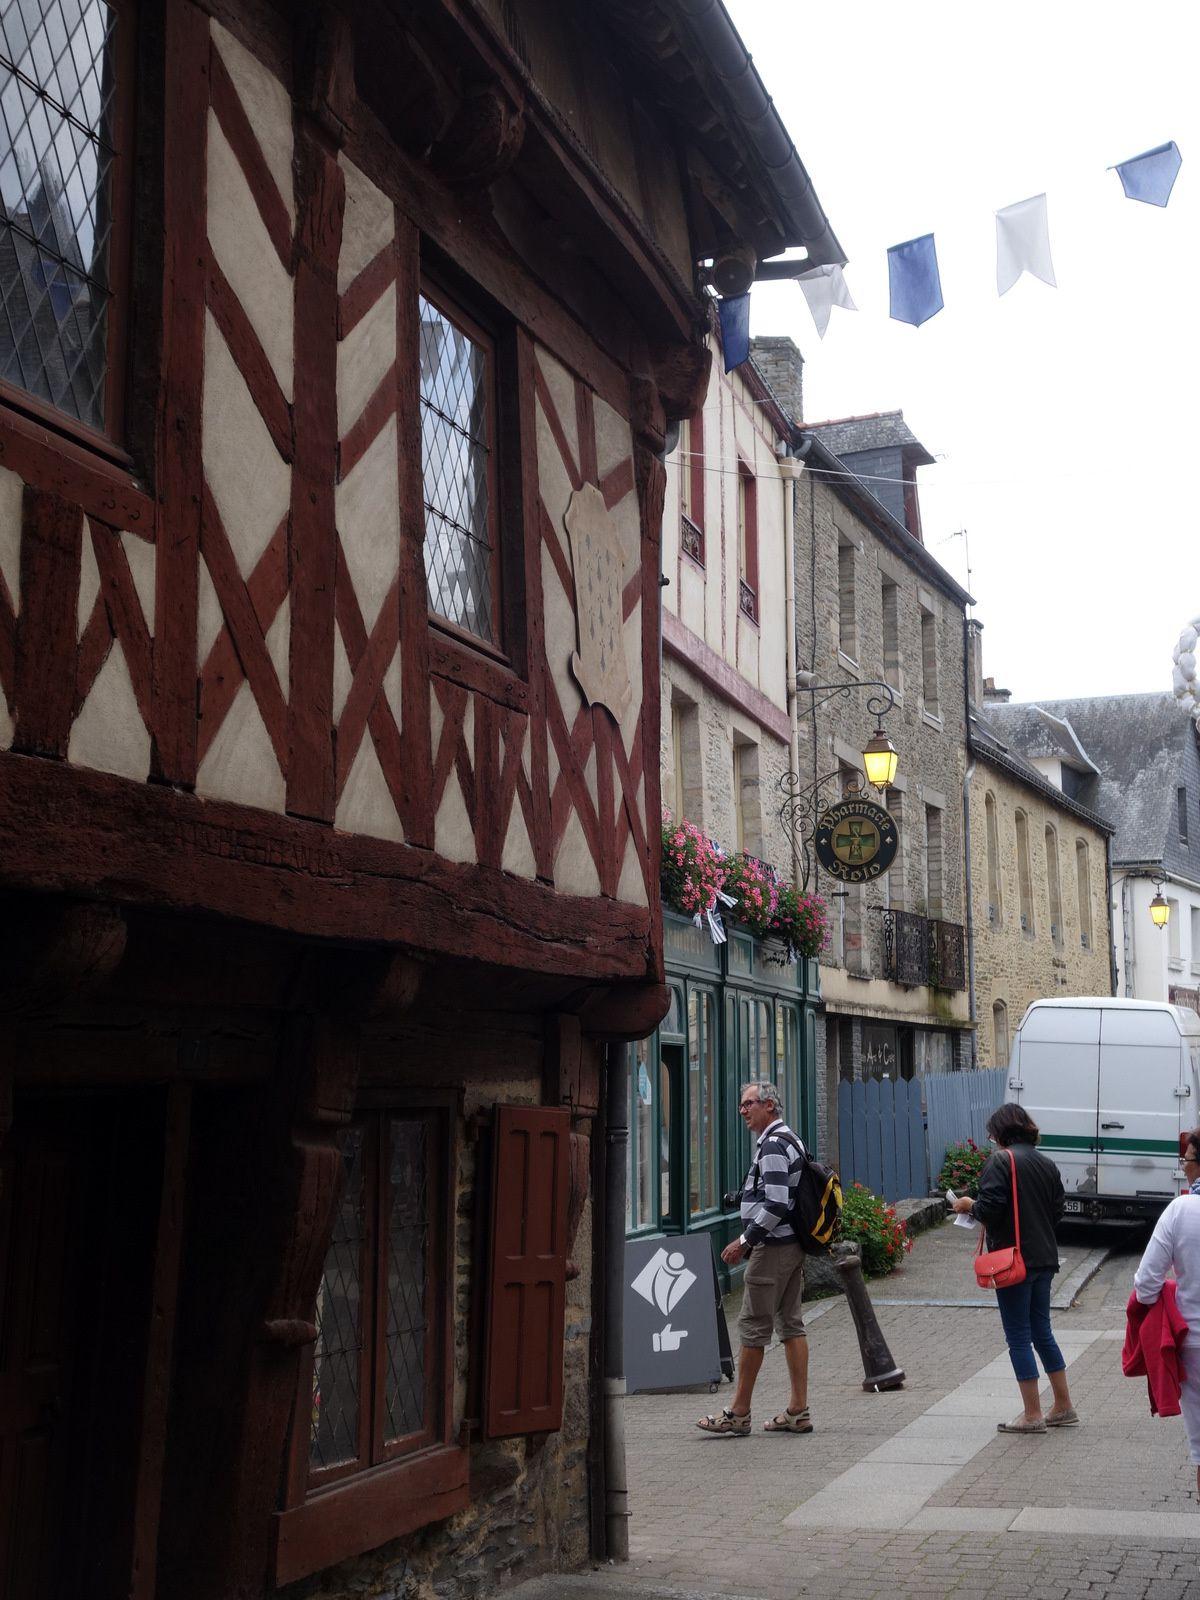 Josselin, la ville des Rohan